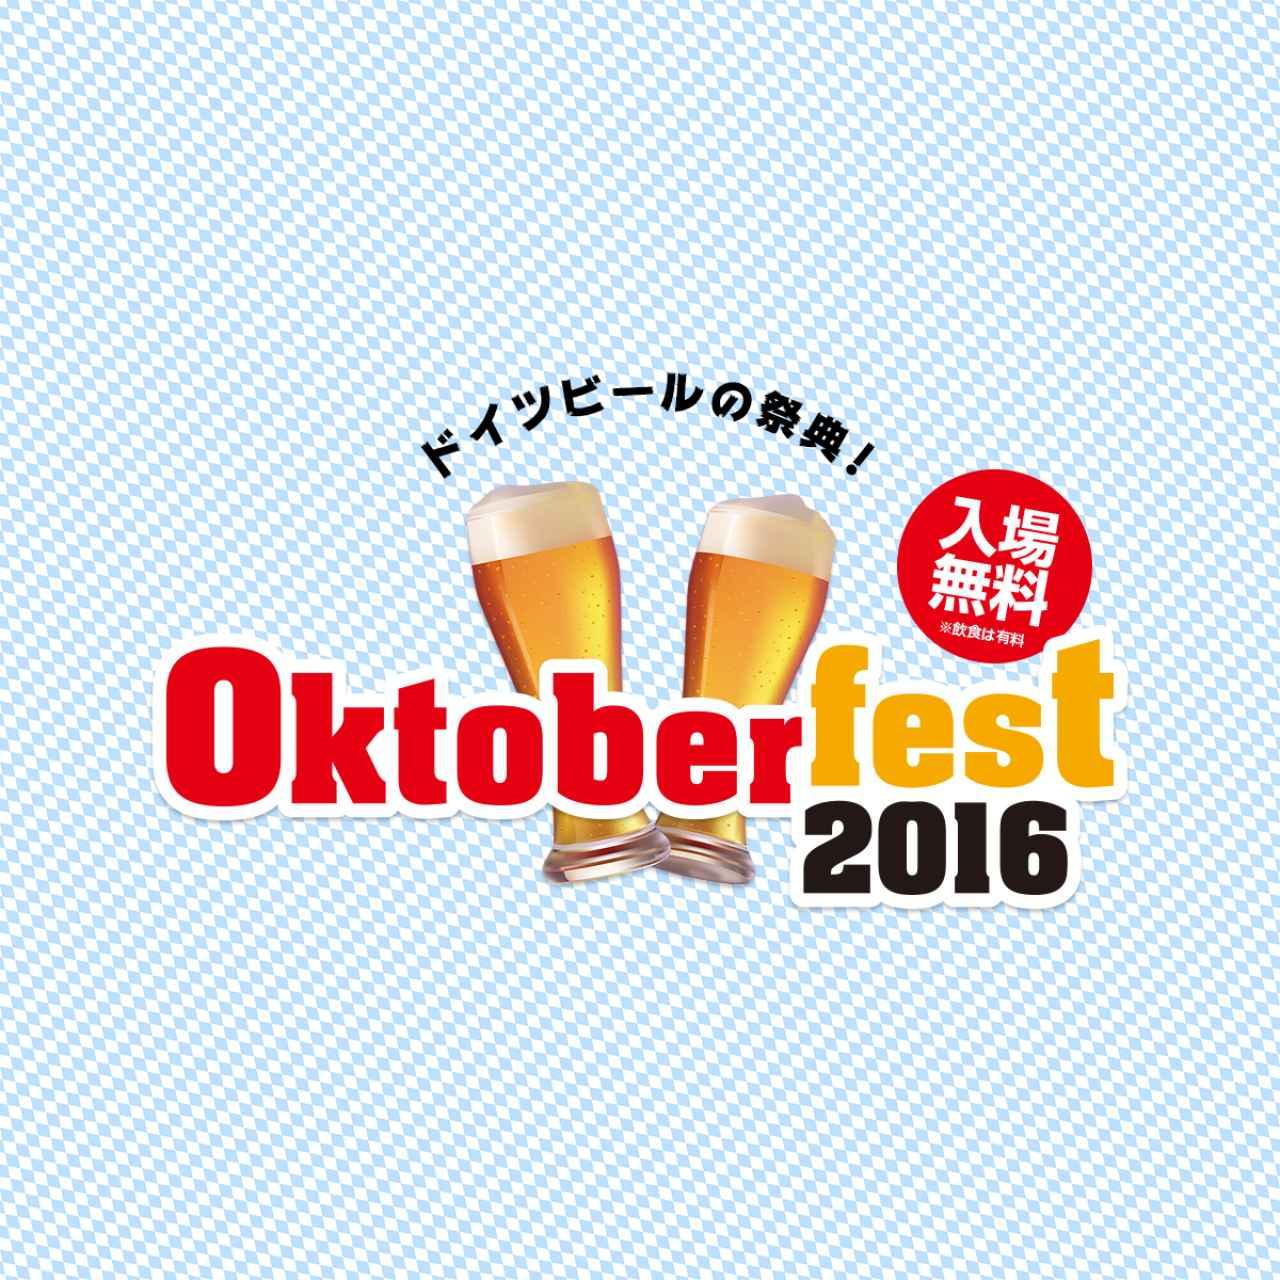 画像: OKTOBERFEST 2016 日本公式サイト